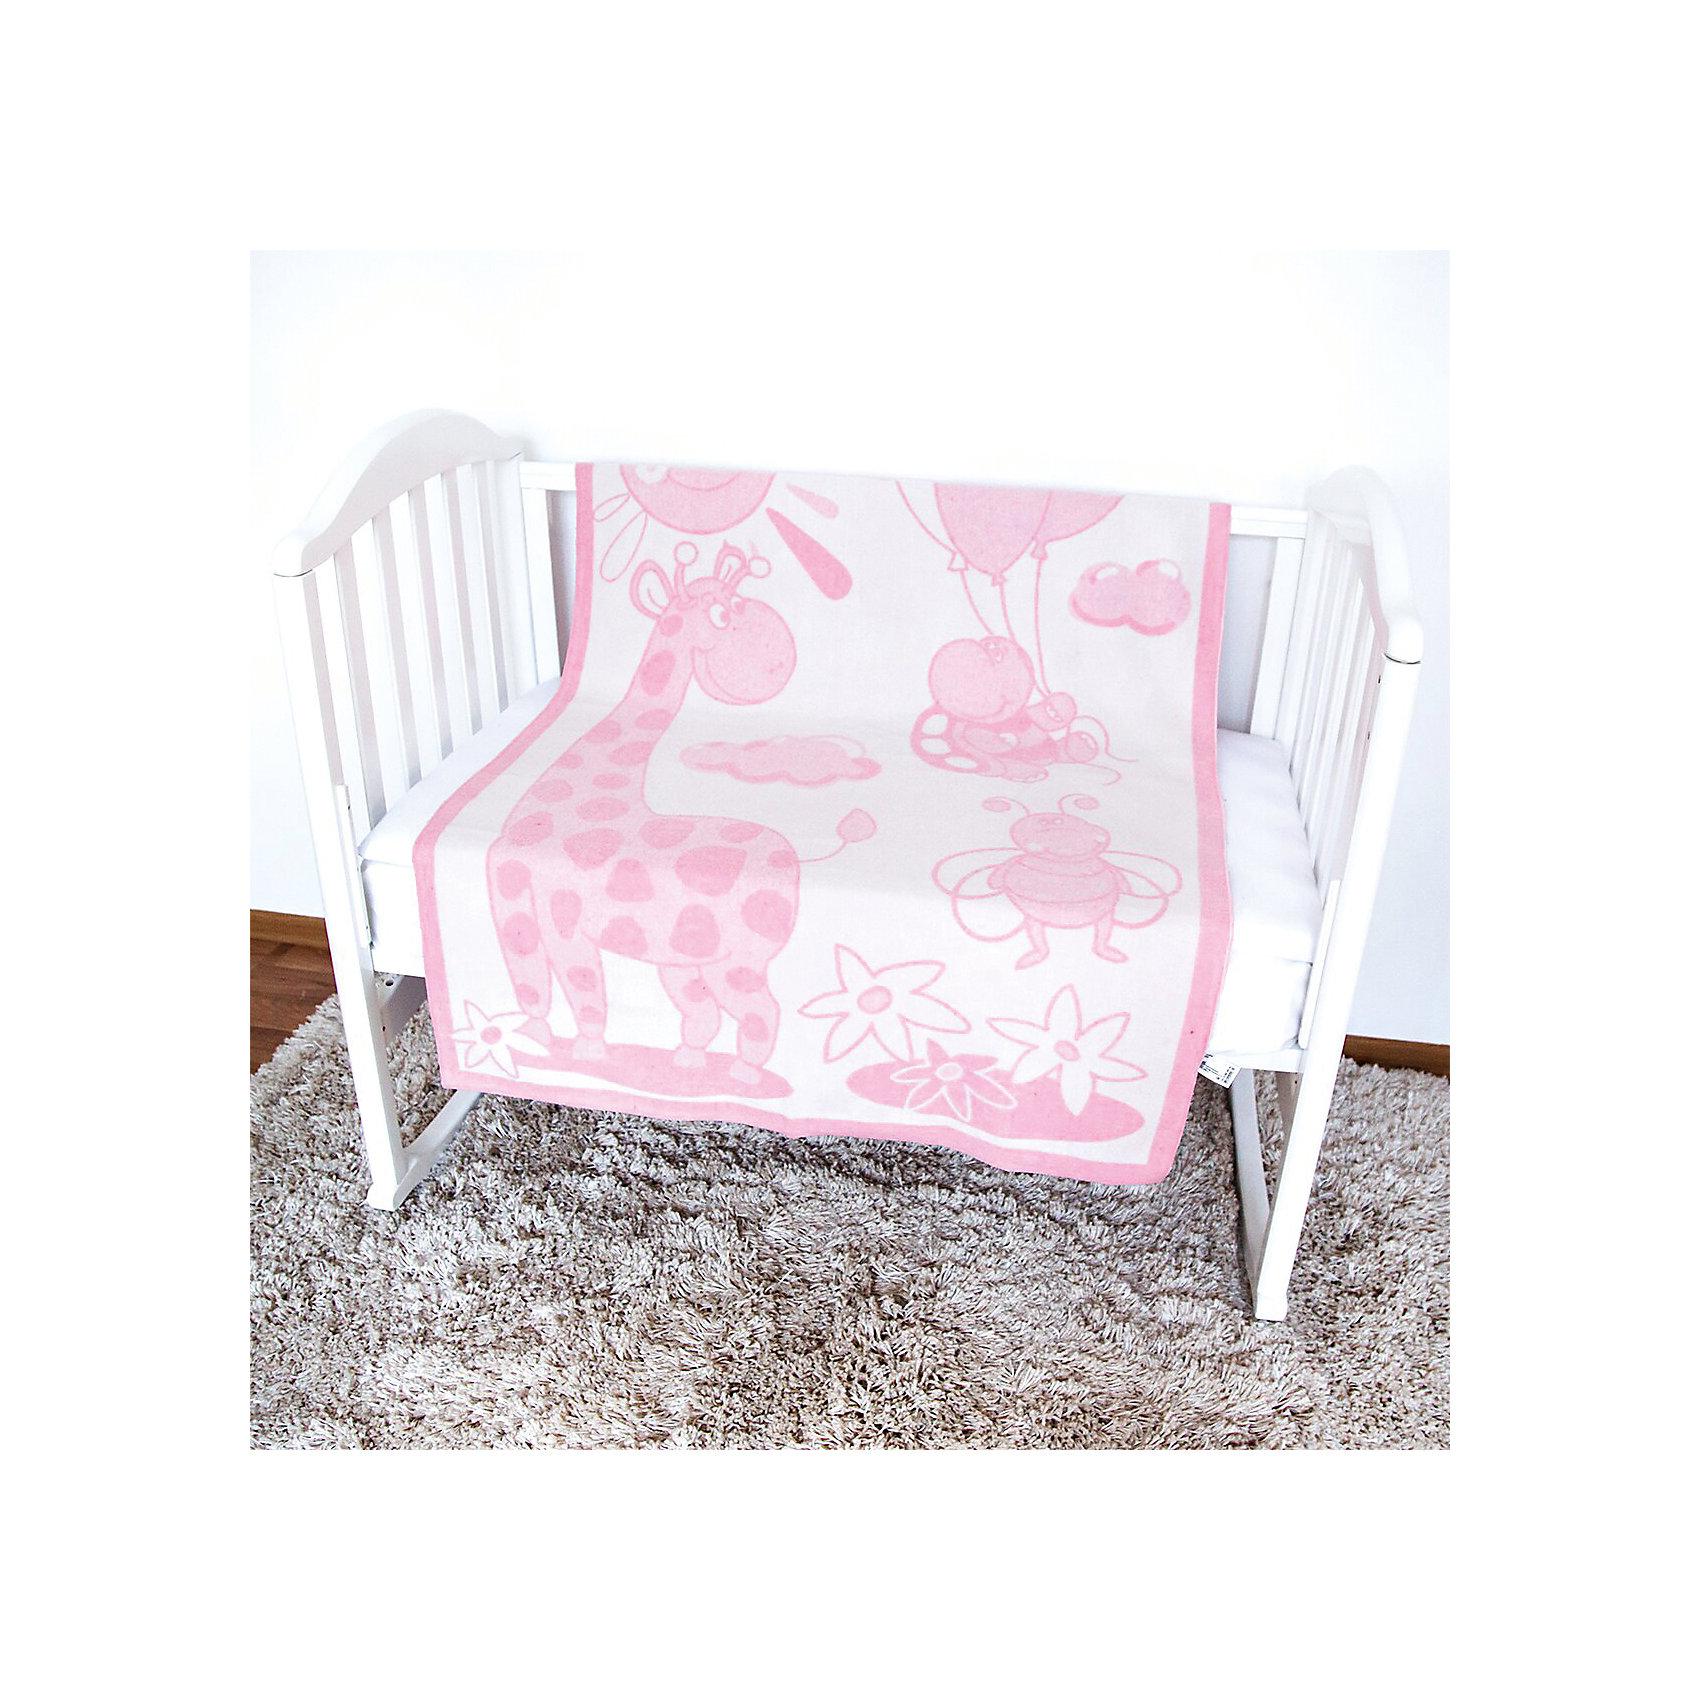 Одеяло байковое Жираф, 100х140, Baby Nice, розовыйОдеяла, пледы<br>Постельные принадлежности для детей должны быть качественными и безопасными. Это одеяло разработано специально для малышей, оно обеспечивает комфорт на всю ночь. Одеяло украшено симпатичным принтом.<br>Одеяло сшито из натурального дышащего хлопка, приятного на ощупь. Он не вызывает аллергии, что особенно важно для малышей. Оно обеспечит хорошую терморегуляцию, а значит - крепкий сон. Одеяло сделано из высококачественных материалов, безопасных для ребенка.<br><br>Дополнительная информация:<br><br>цвет: розовый;<br>материал: хлопок, жаккард;<br>принт;<br>размер: 100 х 140 см.<br><br>Одеяло байковое Жираф, 100х140 от компании Baby Nice можно купить в нашем магазине.<br><br>Ширина мм: 230<br>Глубина мм: 250<br>Высота мм: 40<br>Вес г: 500<br>Возраст от месяцев: 0<br>Возраст до месяцев: 36<br>Пол: Унисекс<br>Возраст: Детский<br>SKU: 4941752